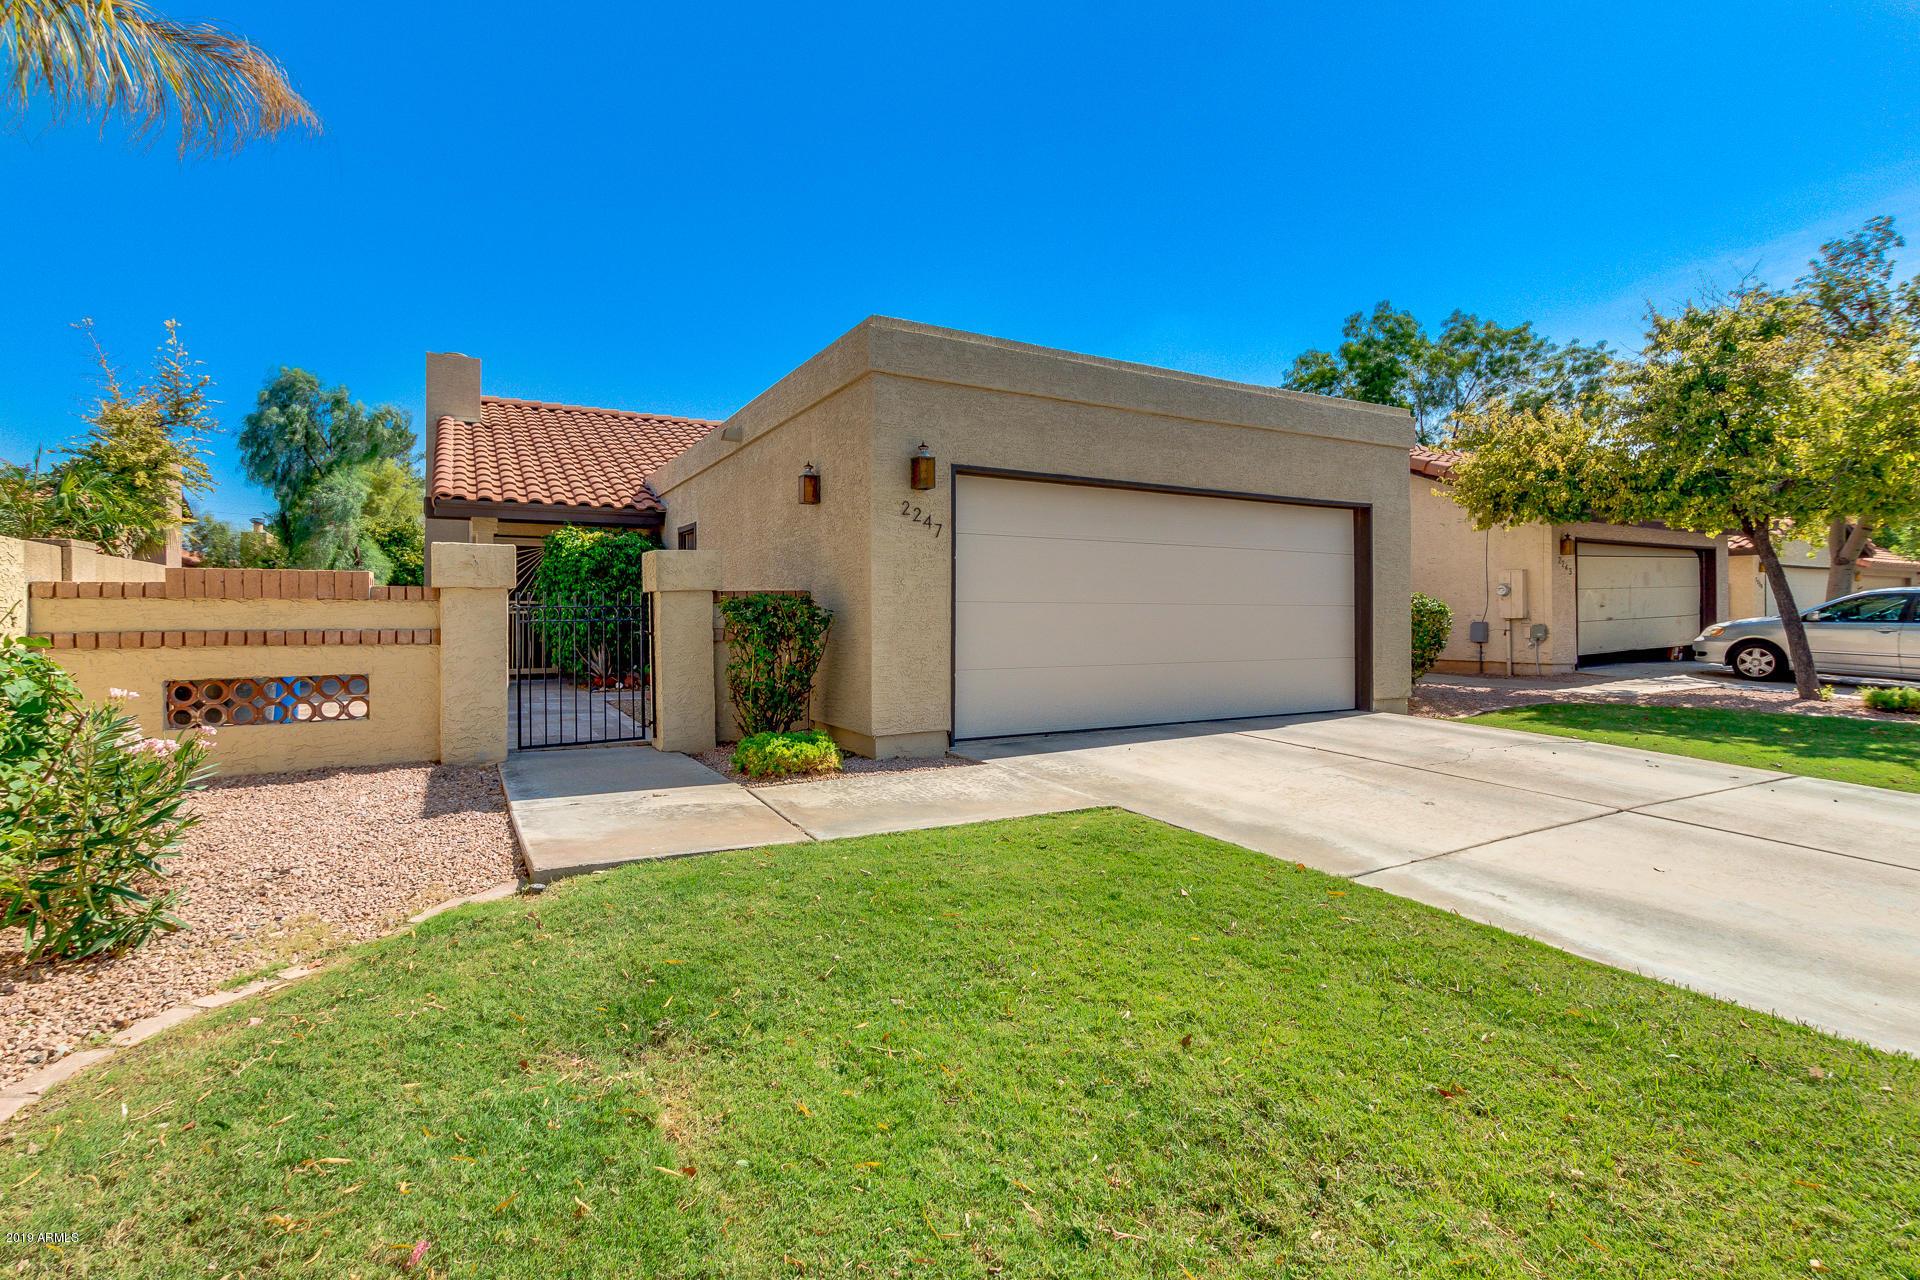 Photo of 2247 E FLORIAN Avenue, Mesa, AZ 85204